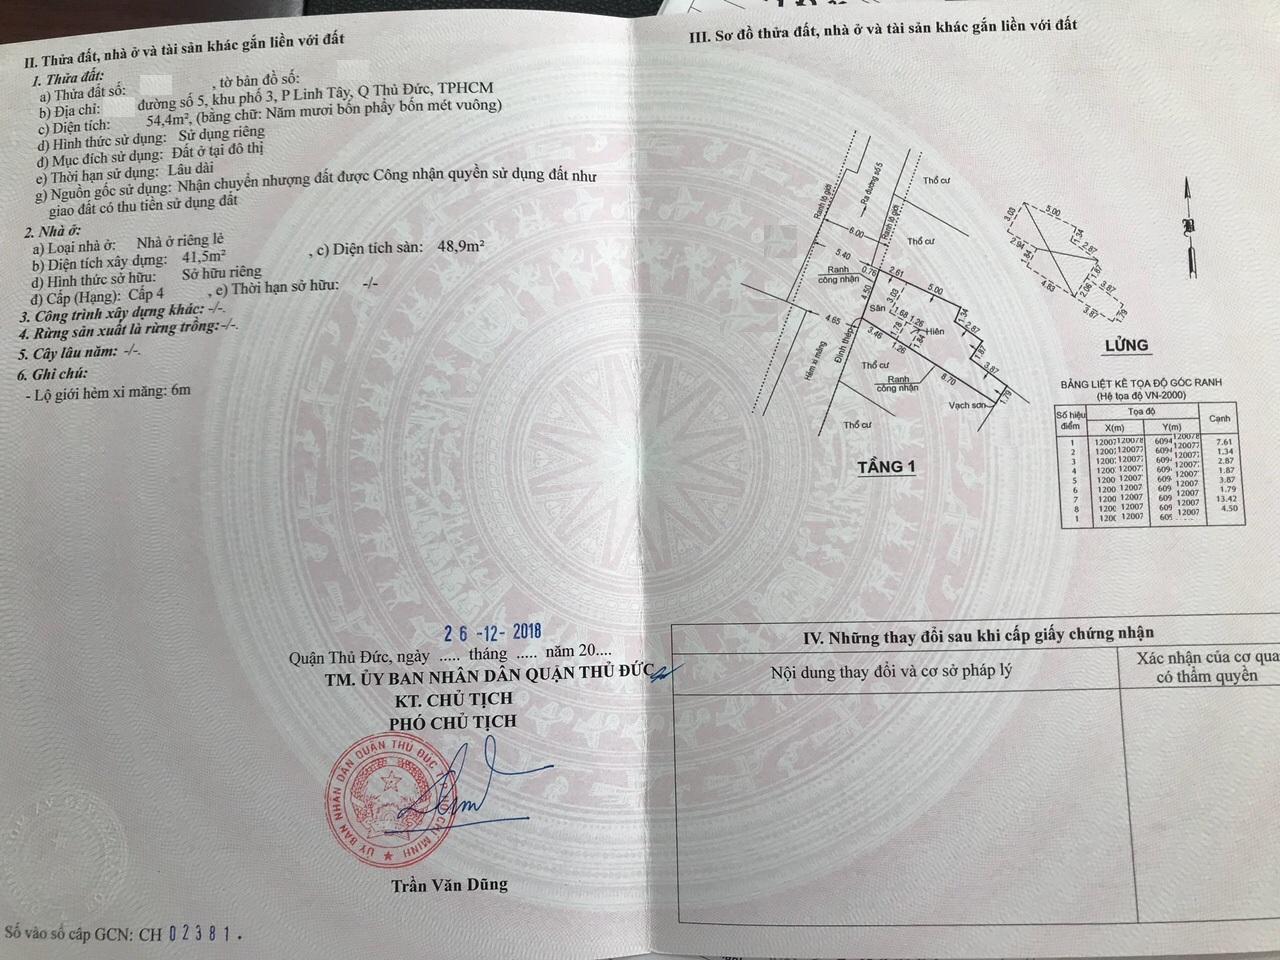 Bán nhà Cấp 4 chính chủ phường Linh Tây Quận Thủ Đức, diện tích 54,4 mét vuông, giá 3,25 tỷ